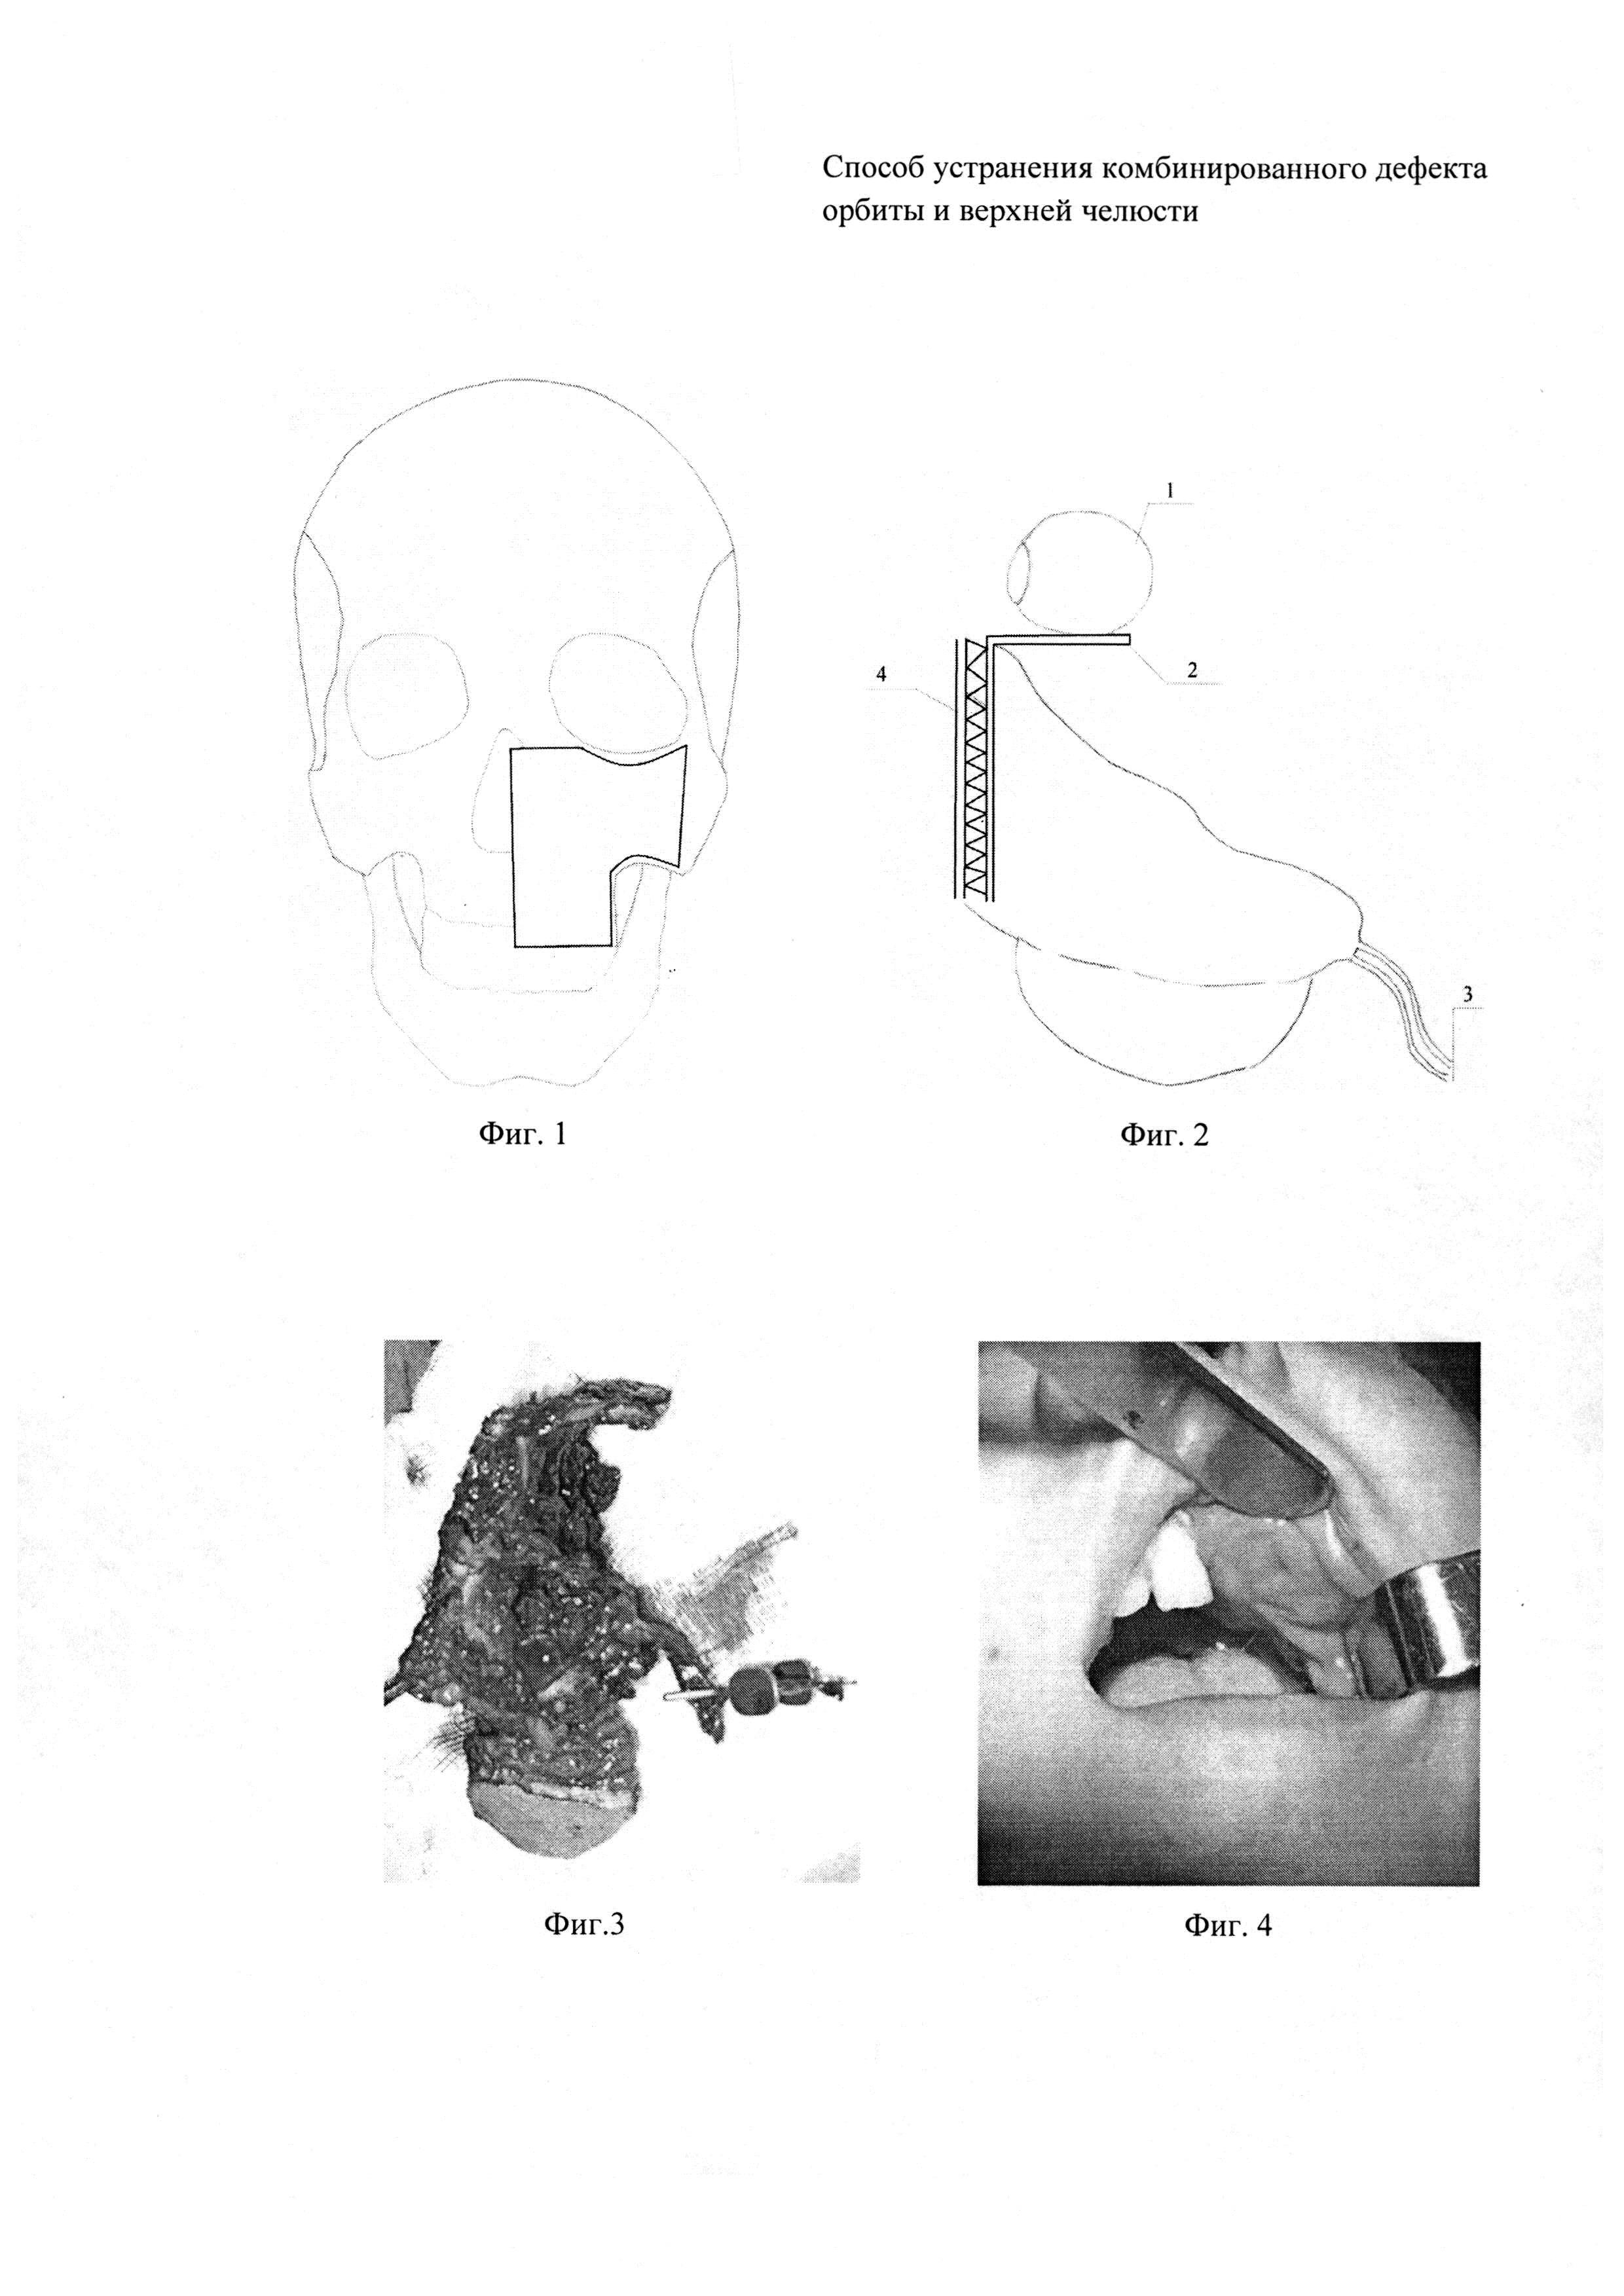 Способ устранения комбинированного дефекта орбиты и верхней челюсти